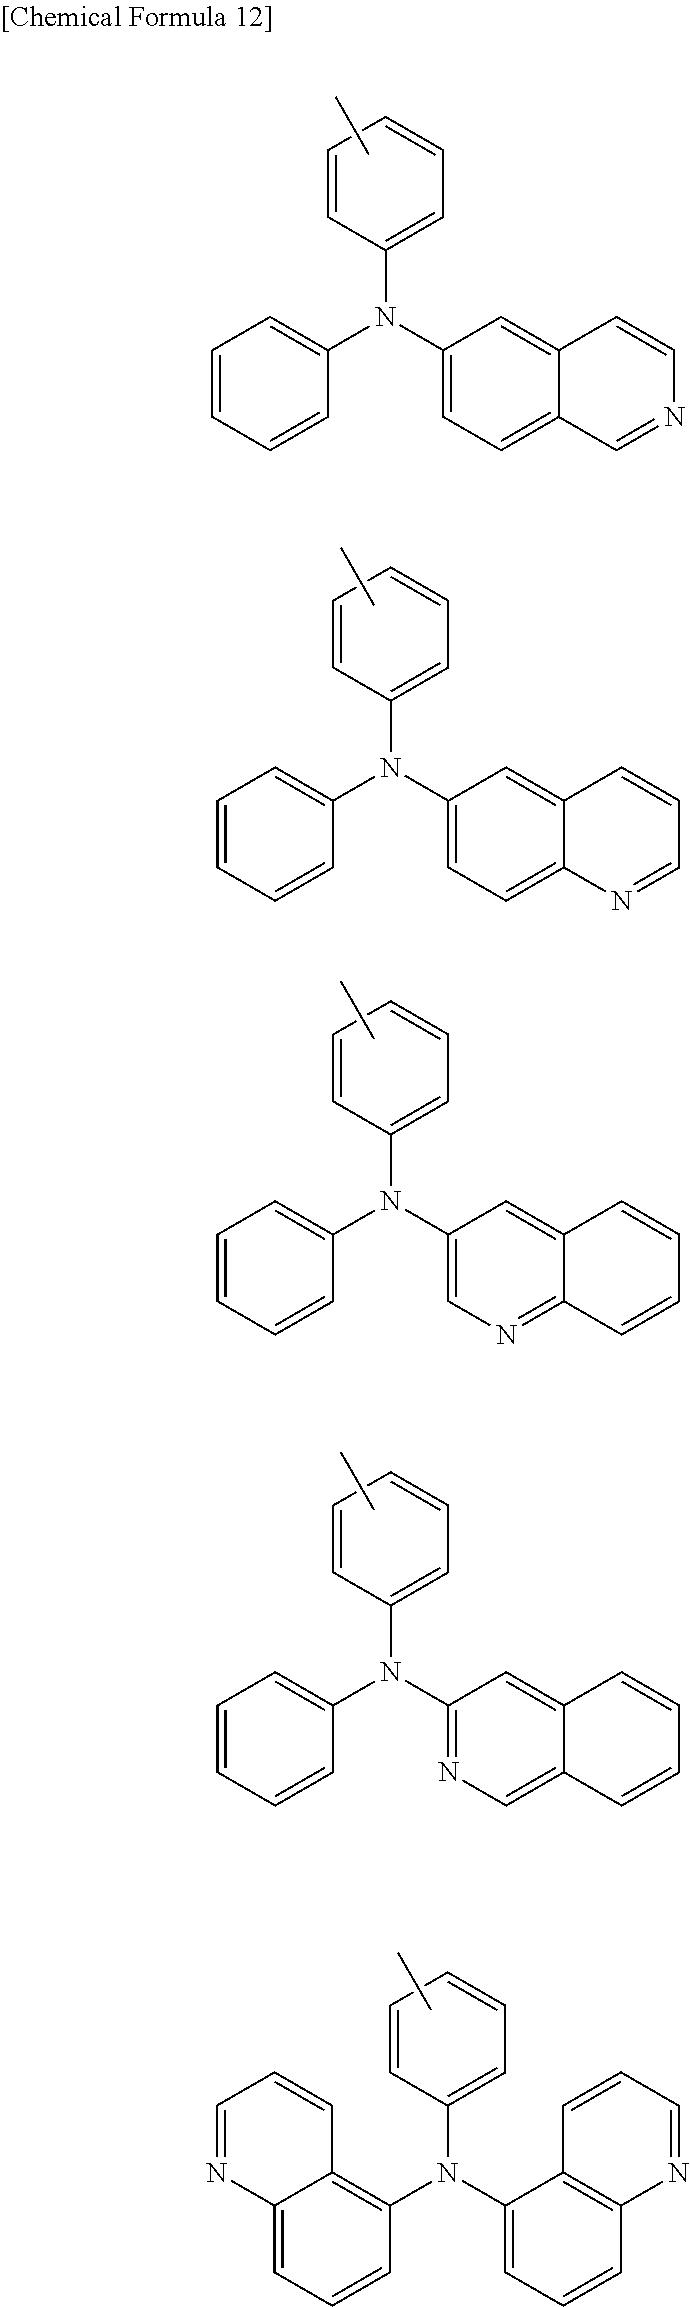 Figure US20150280139A1-20151001-C00015